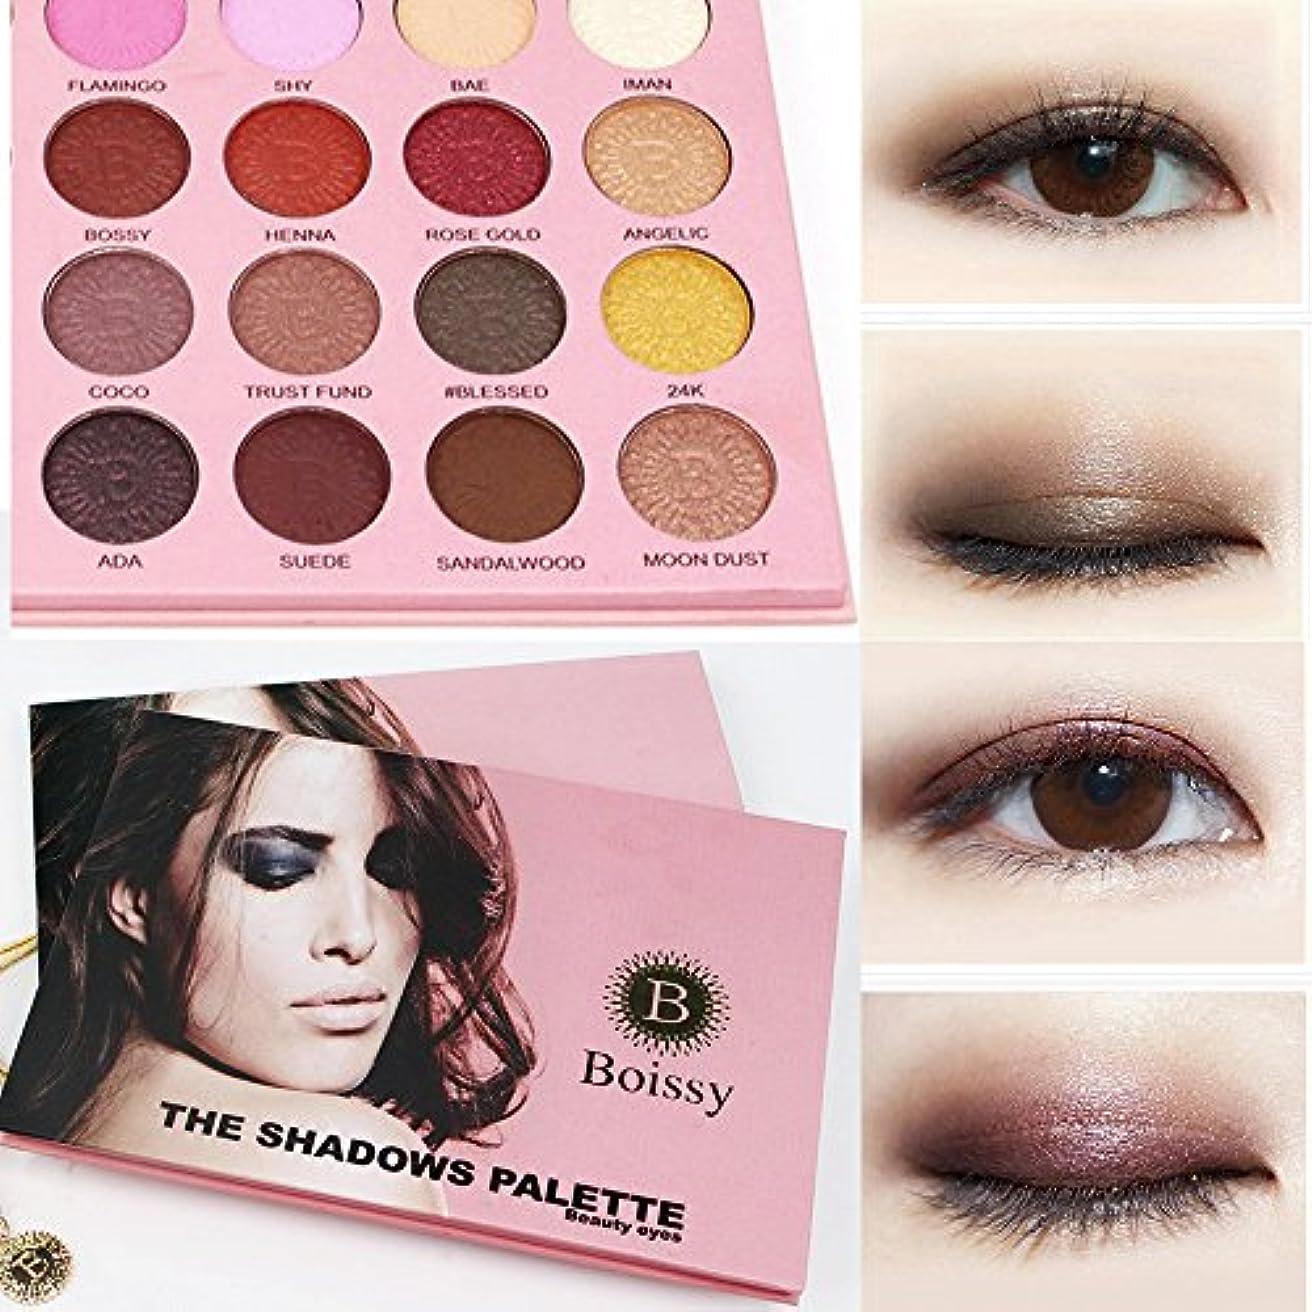 アレルギーサポート不器用ビューティー アイシャドー BOBOGOJP 24色 パール/マット 2in1 アイシャドー パレット 化粧セット Eyeshadow Palette 携帯便利 多機能 アイメイク道具 (Multicolor)